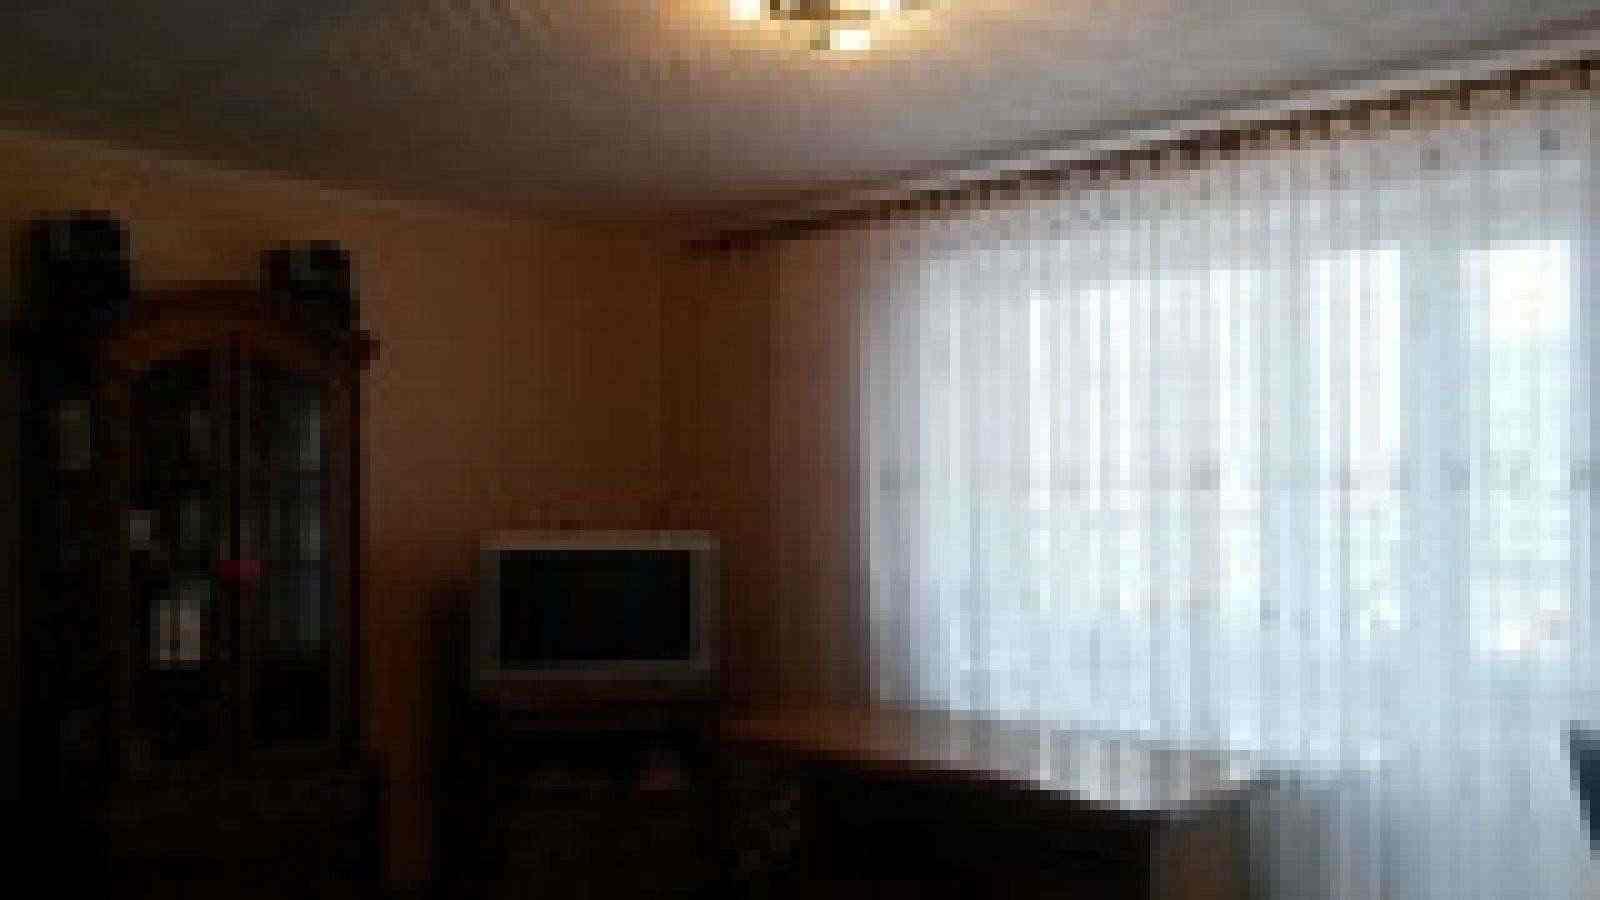 продается 3-х комнатная квартира г. Ошмяны. Фото